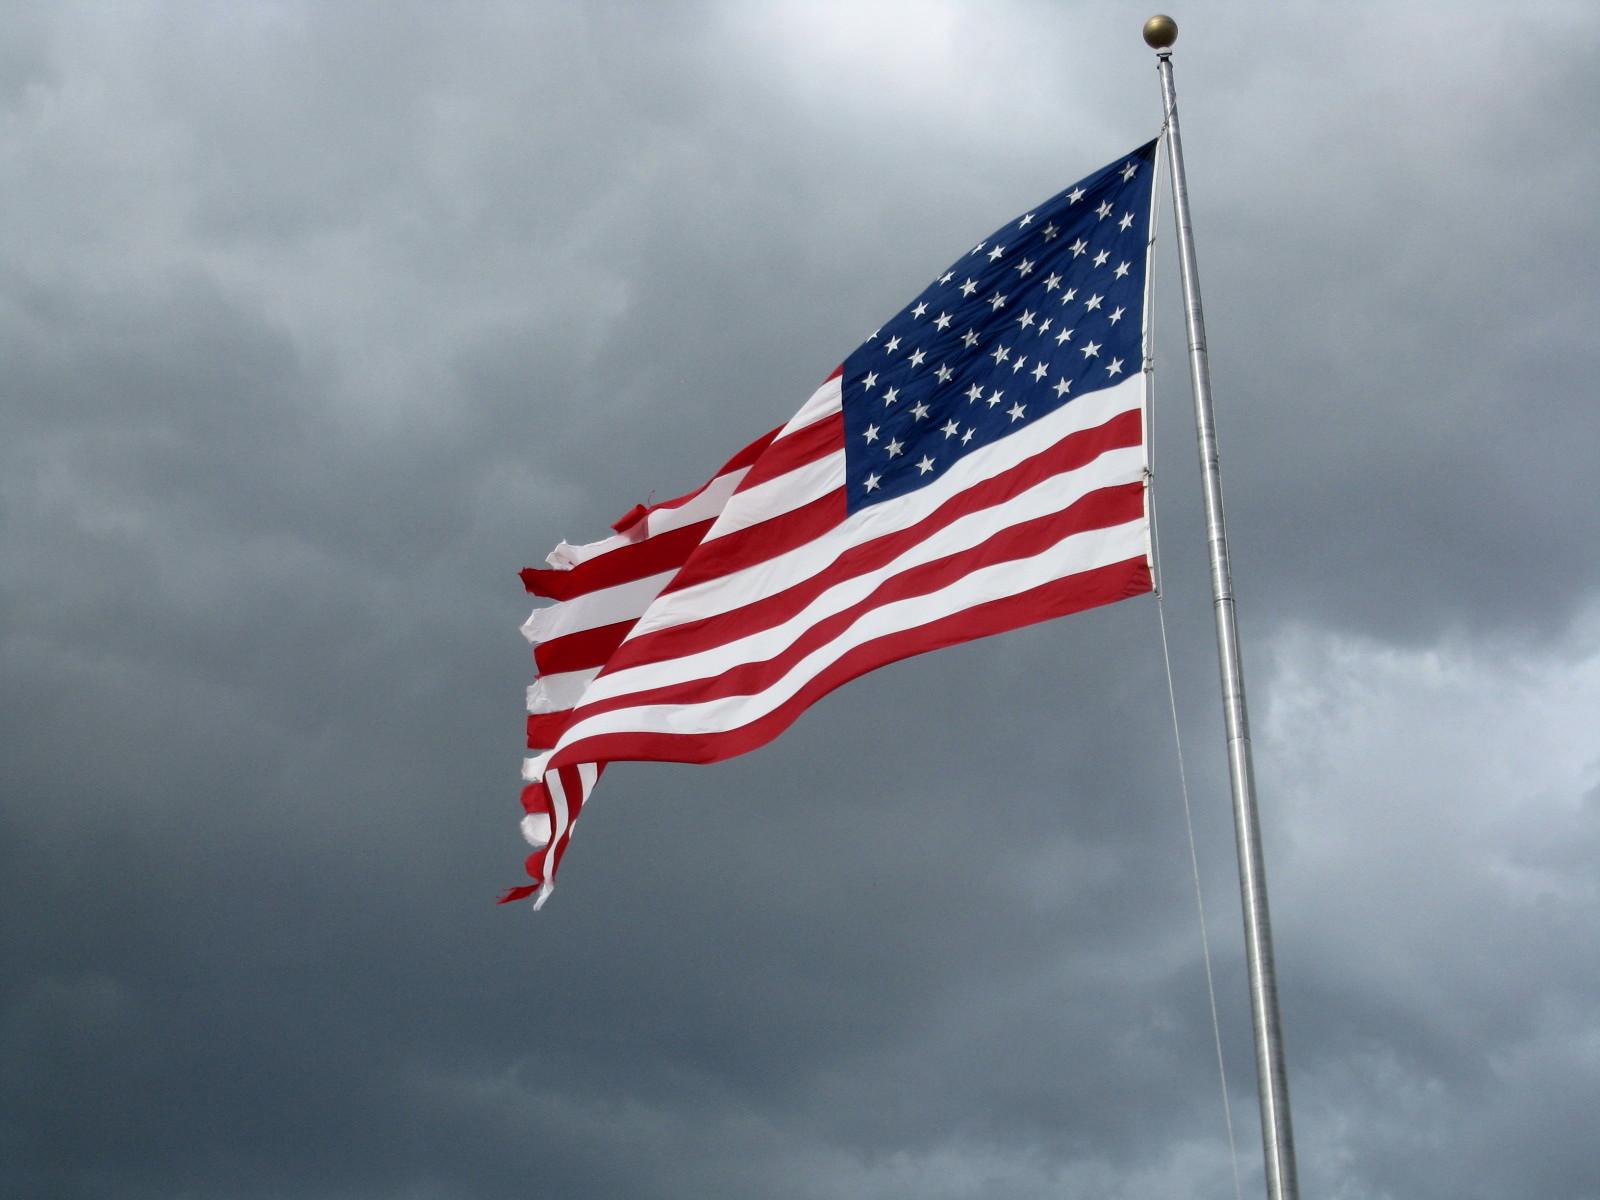 بالصور صور علم امريكا , رمزيات لشعار الولايات المتحده الامريكيه 3063 9